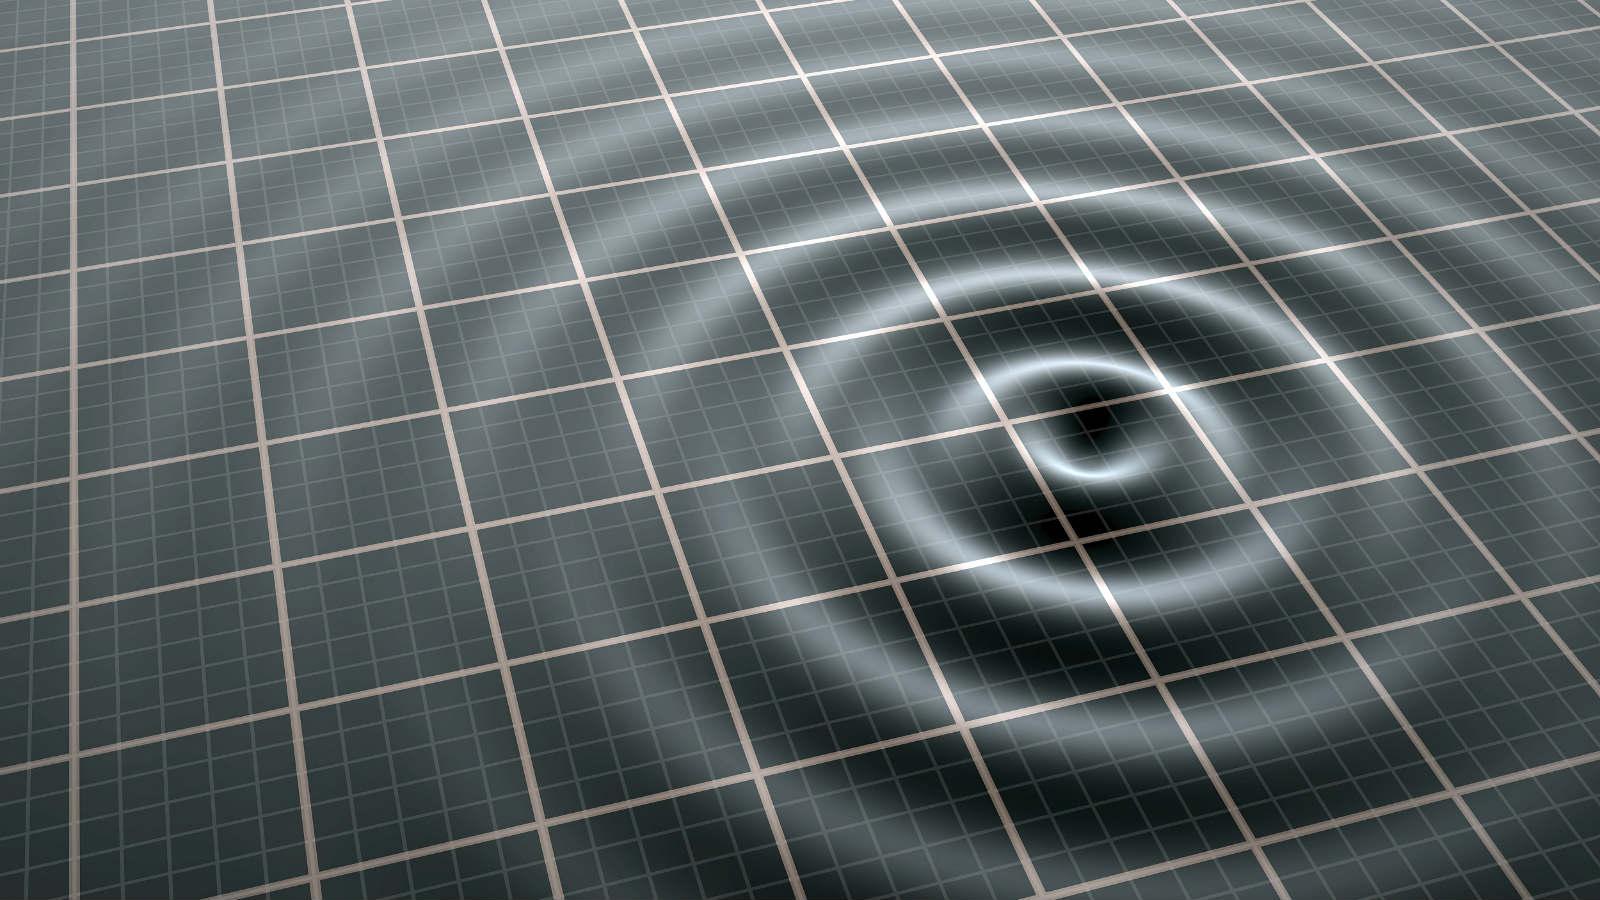 5.3-magnitude quake hits 43km NE of Moyobamba, Peru: USGS